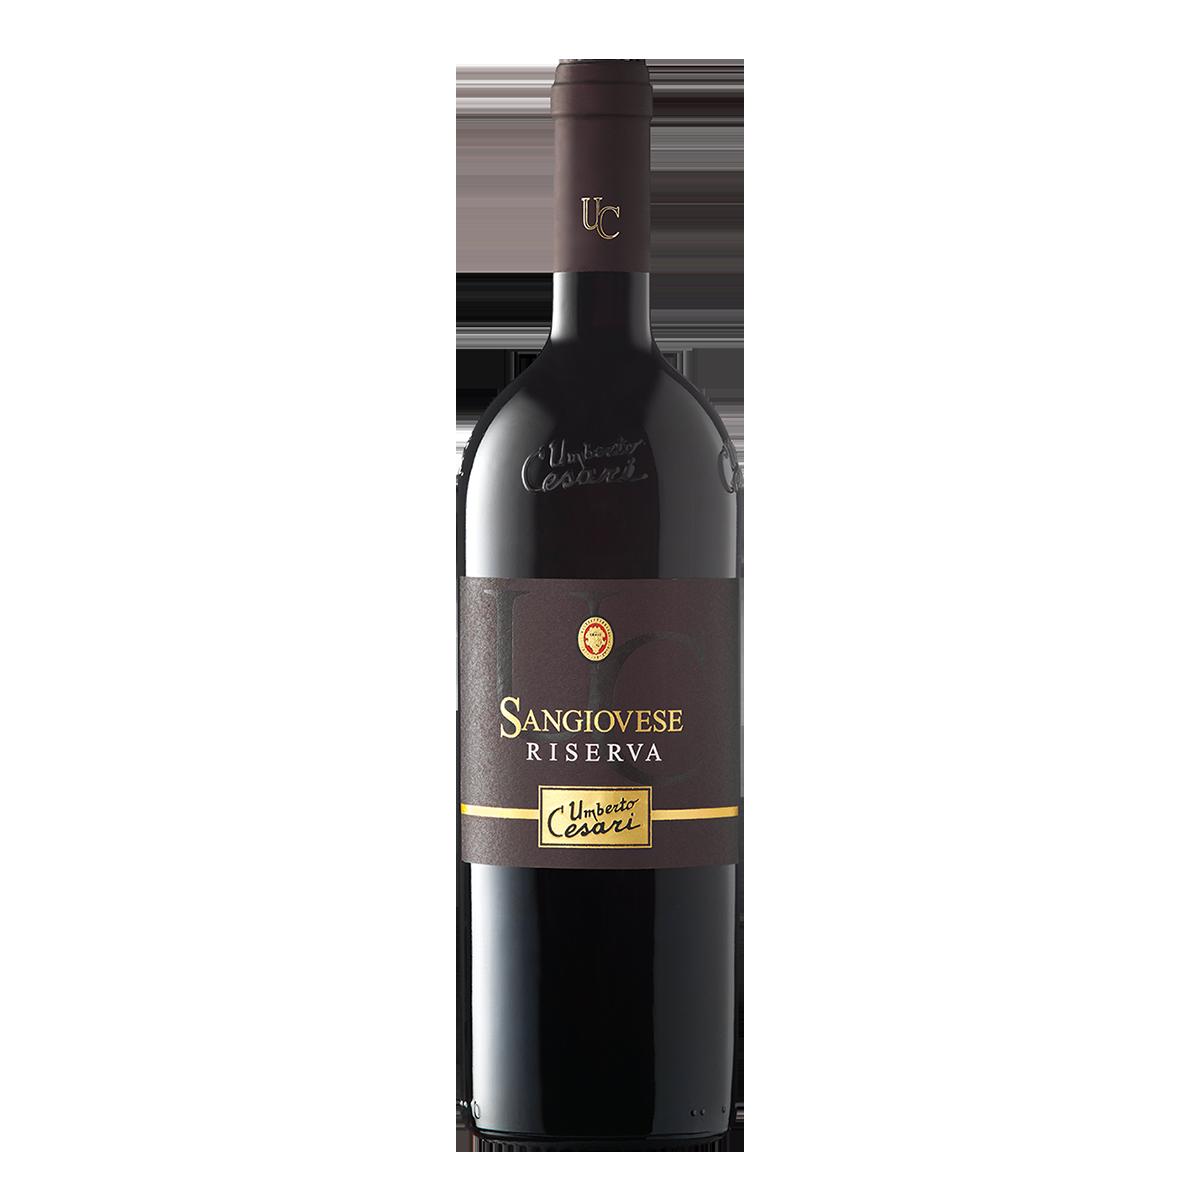 ITEC1506 義大利賽莎瑞桑吉利陳年紅酒 Umberto Cesari Sangiovese di Romagna D.O.C. Riserva